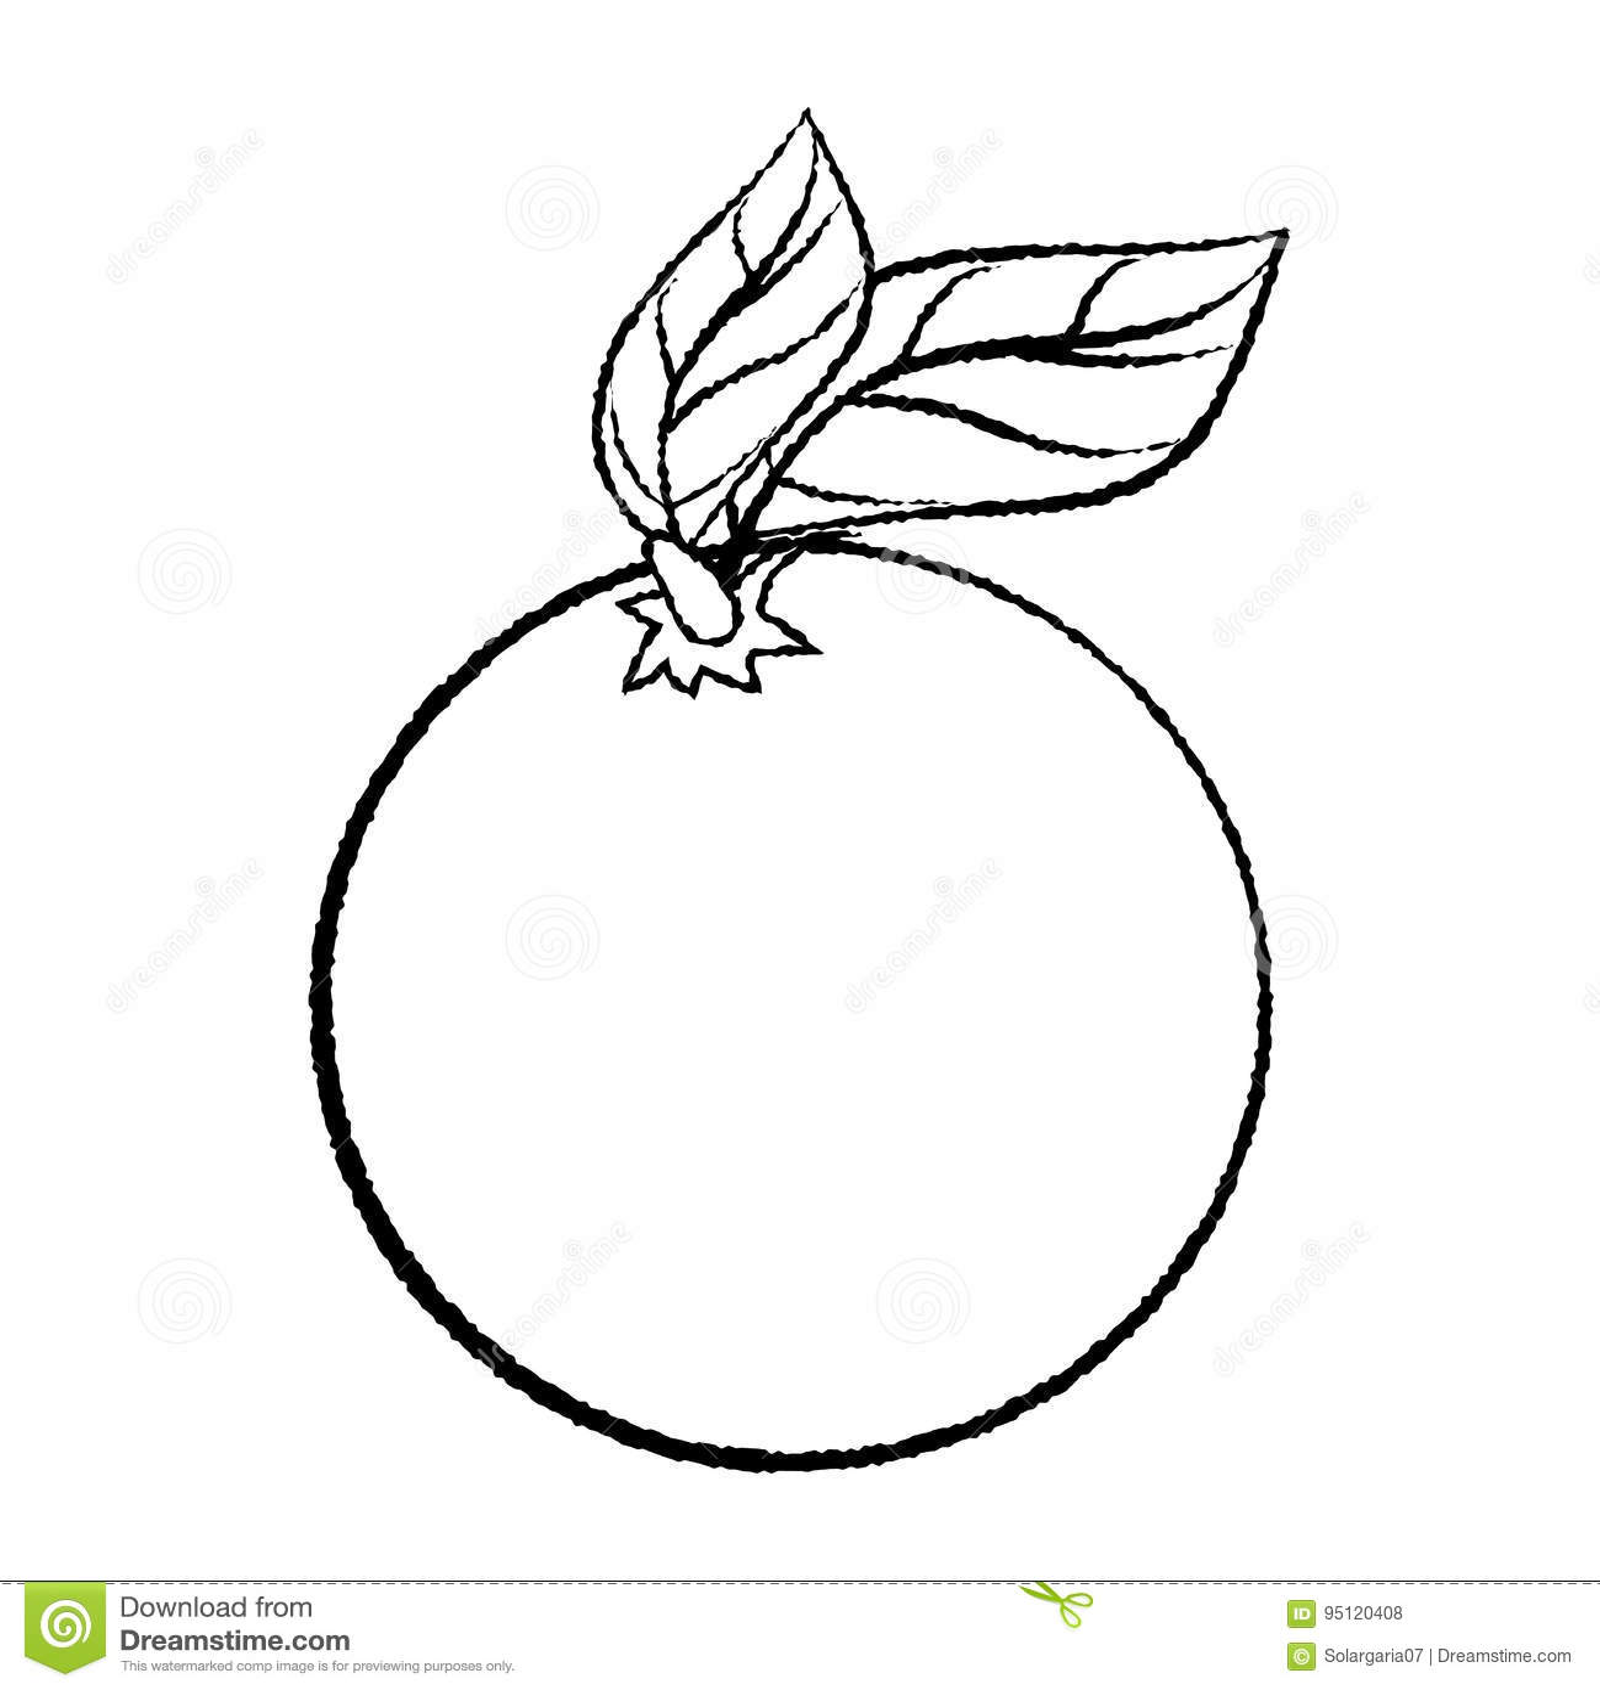 Orange drawing images